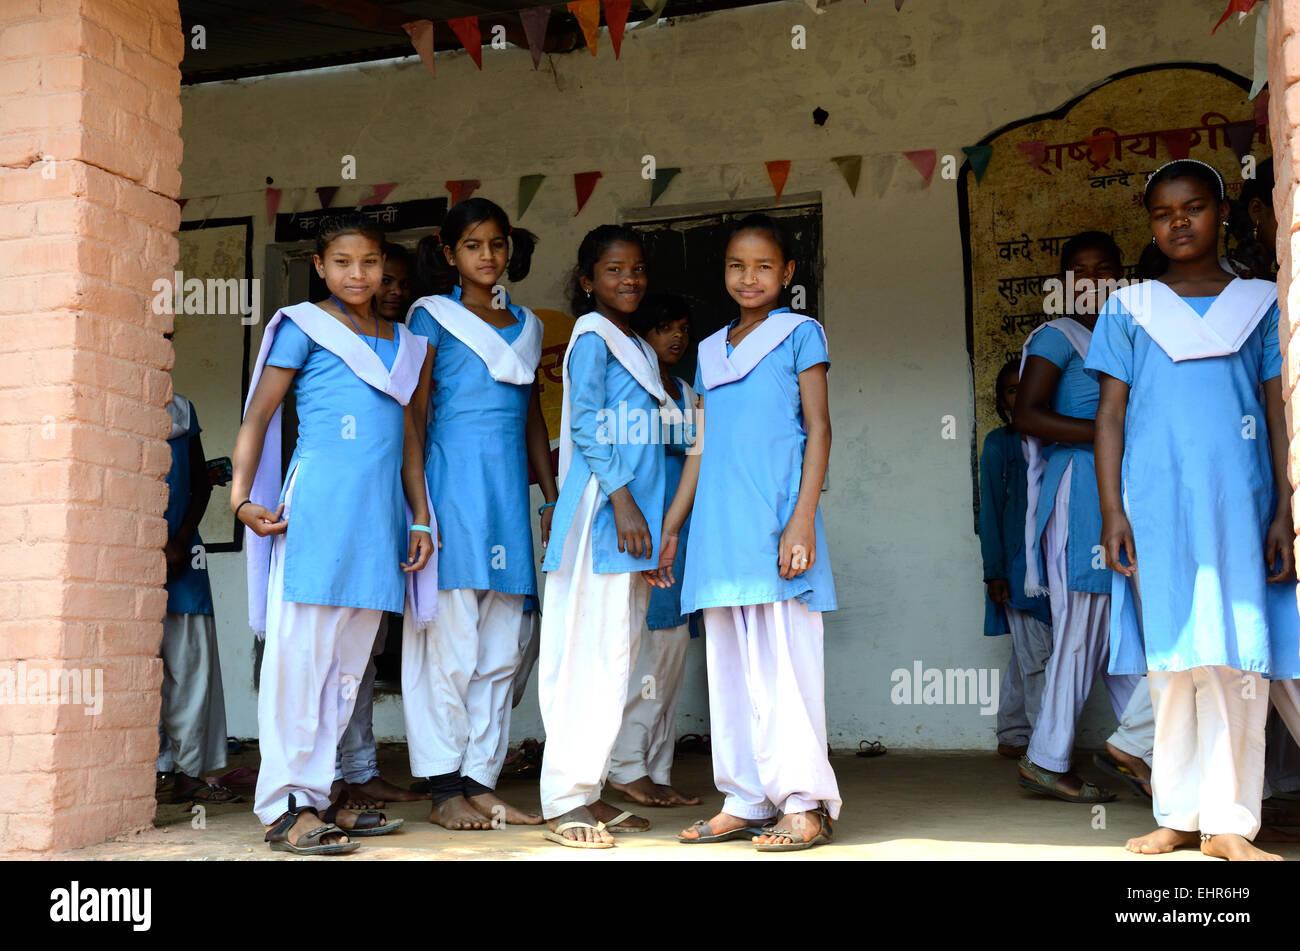 Image result for rajasthan school uniform